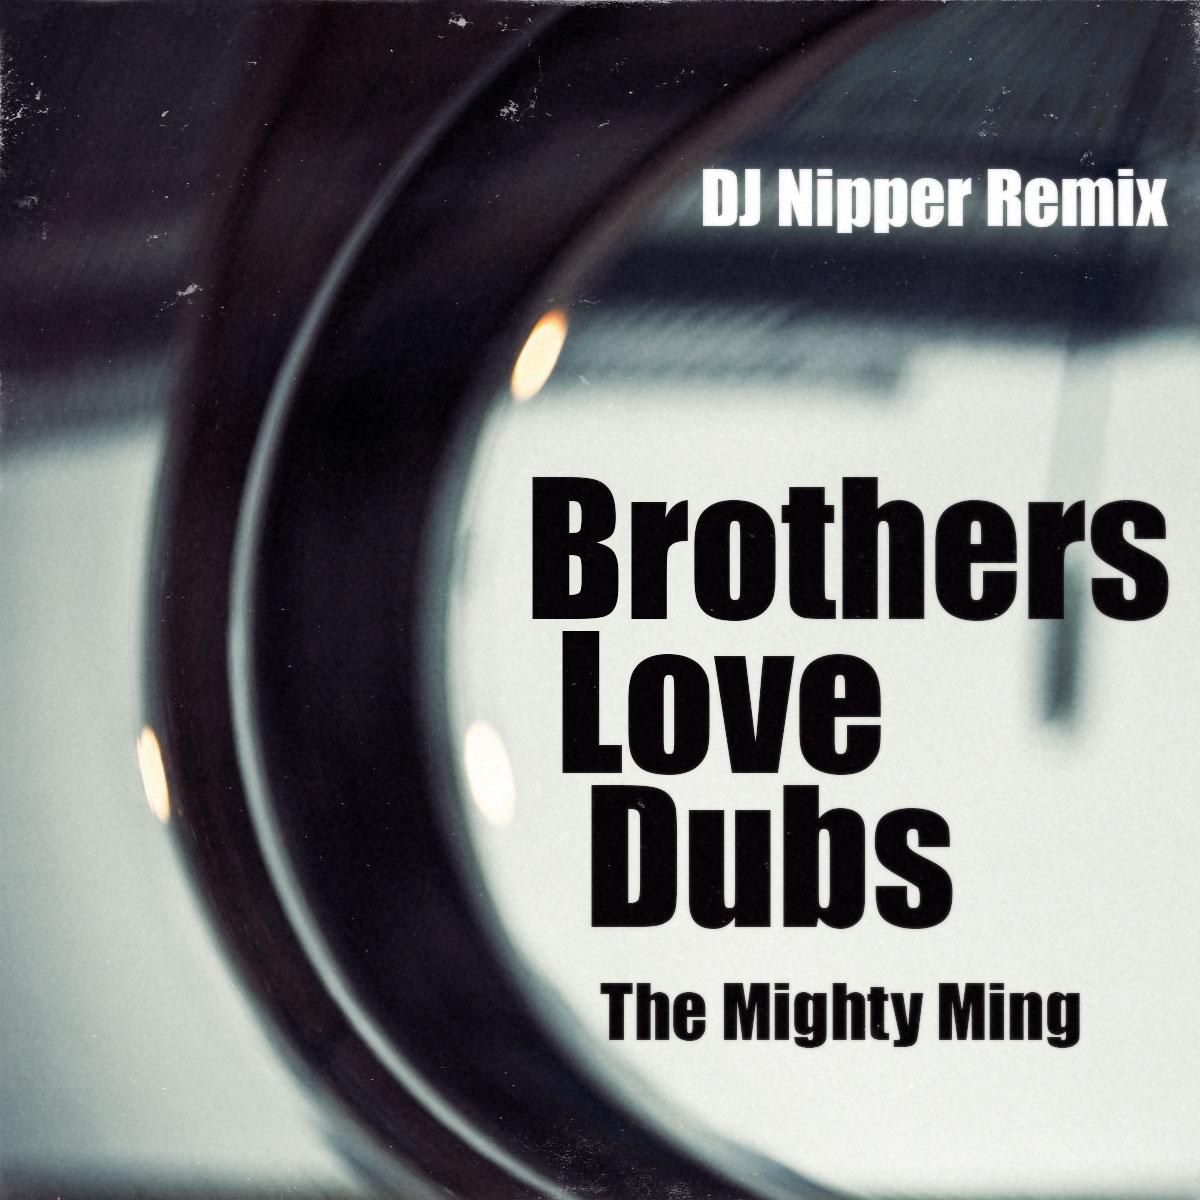 Brothers-Love-Dubs (DJ Nipper_Remix)